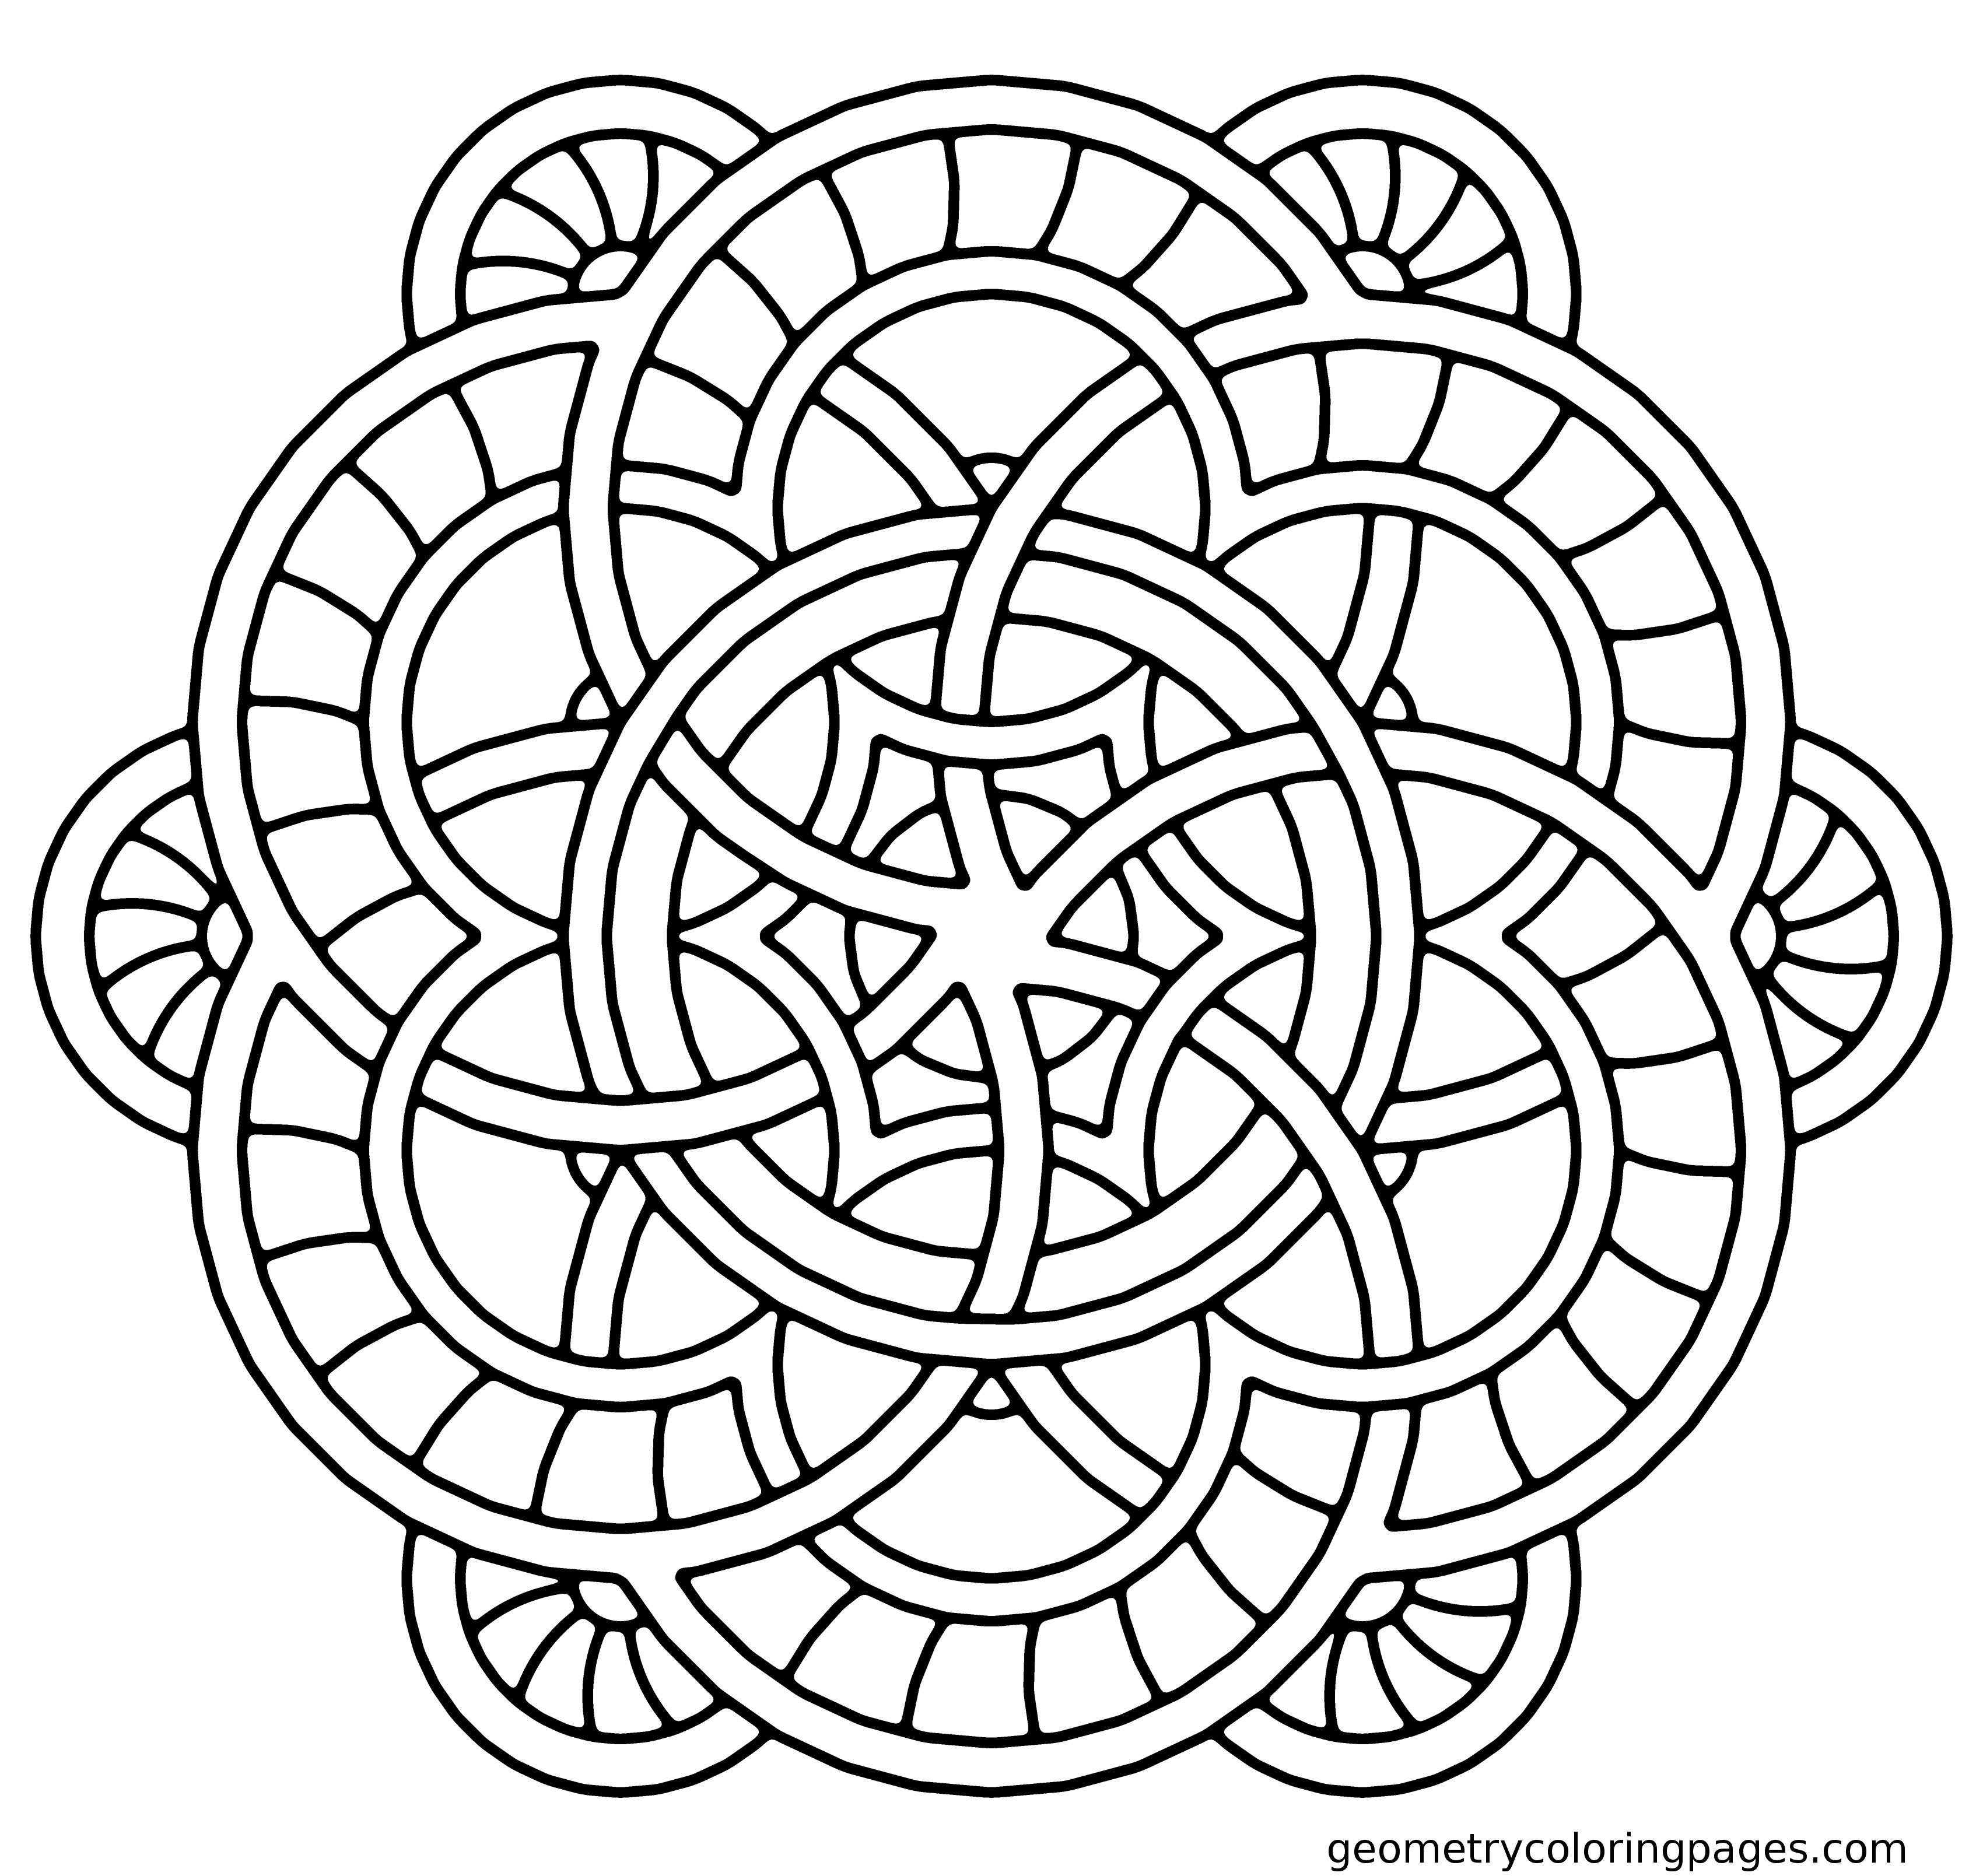 Pin de Charlie Song en Mandalas | Pinterest | Mandalas